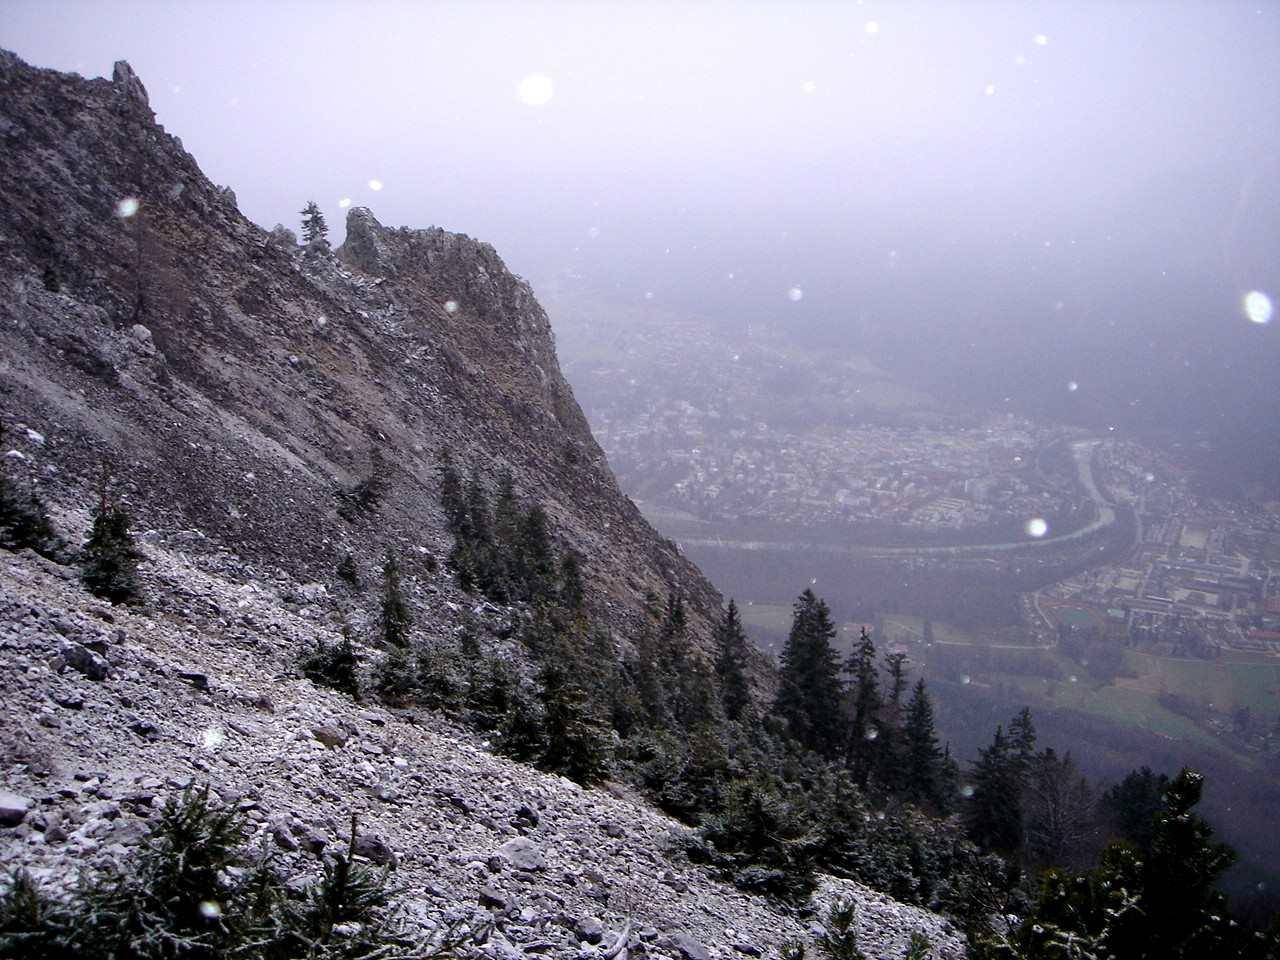 Foto: Manfred Karl / Wander Tour / Von der Padinger Alm auf den Hochstaufen / Abstieg vor einem Wintereinbruch - Blick auf Bad Reichenhall. / 18.05.2007 06:56:31